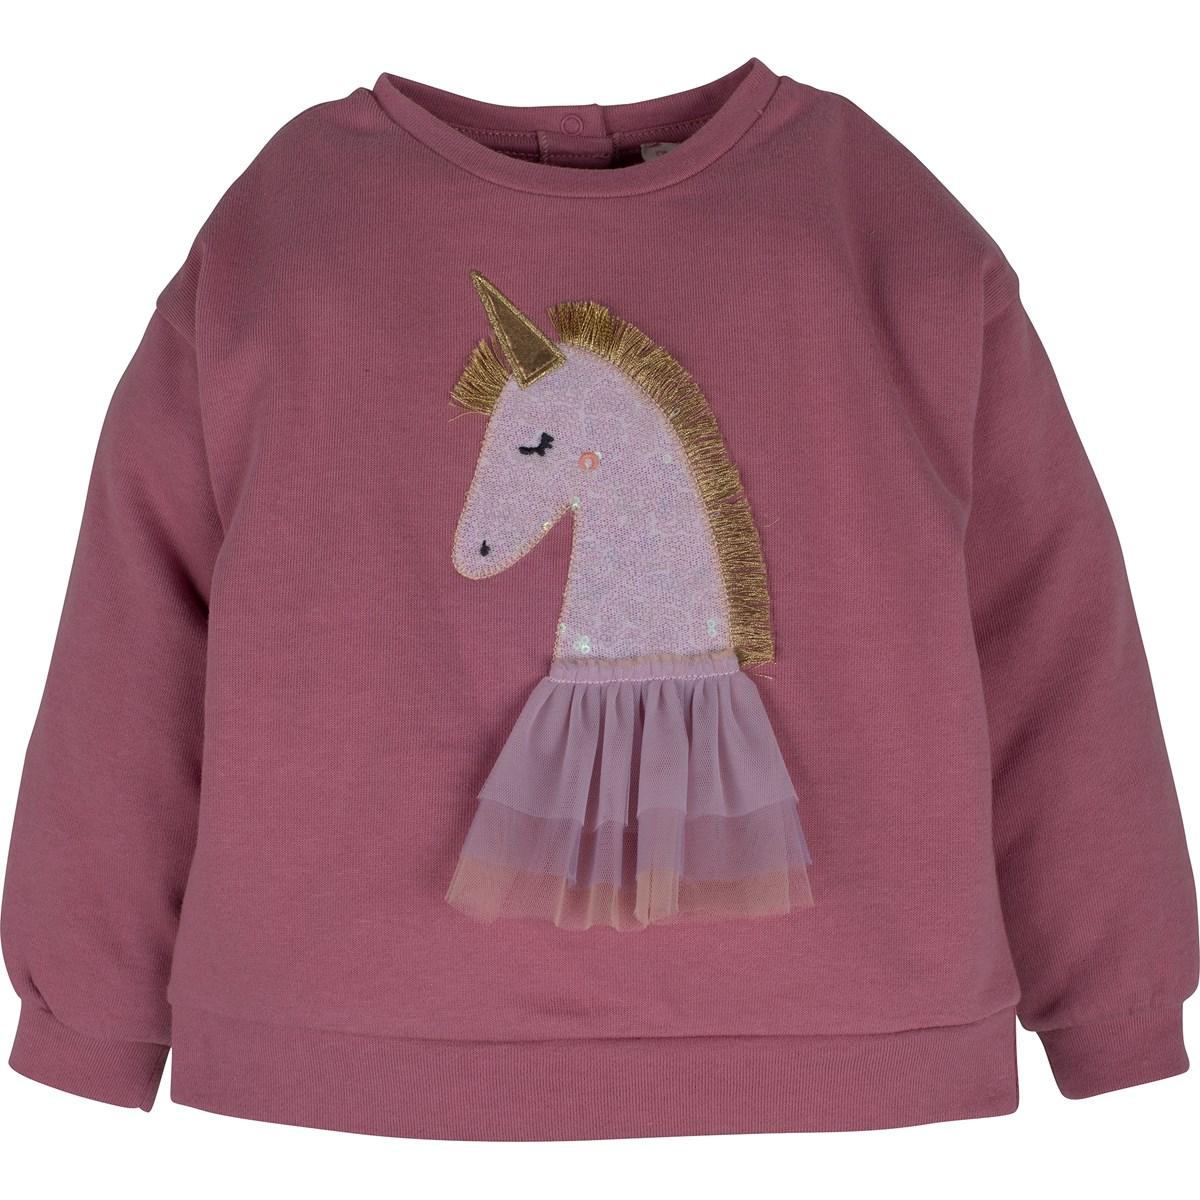 14104 Sweatshirt 1